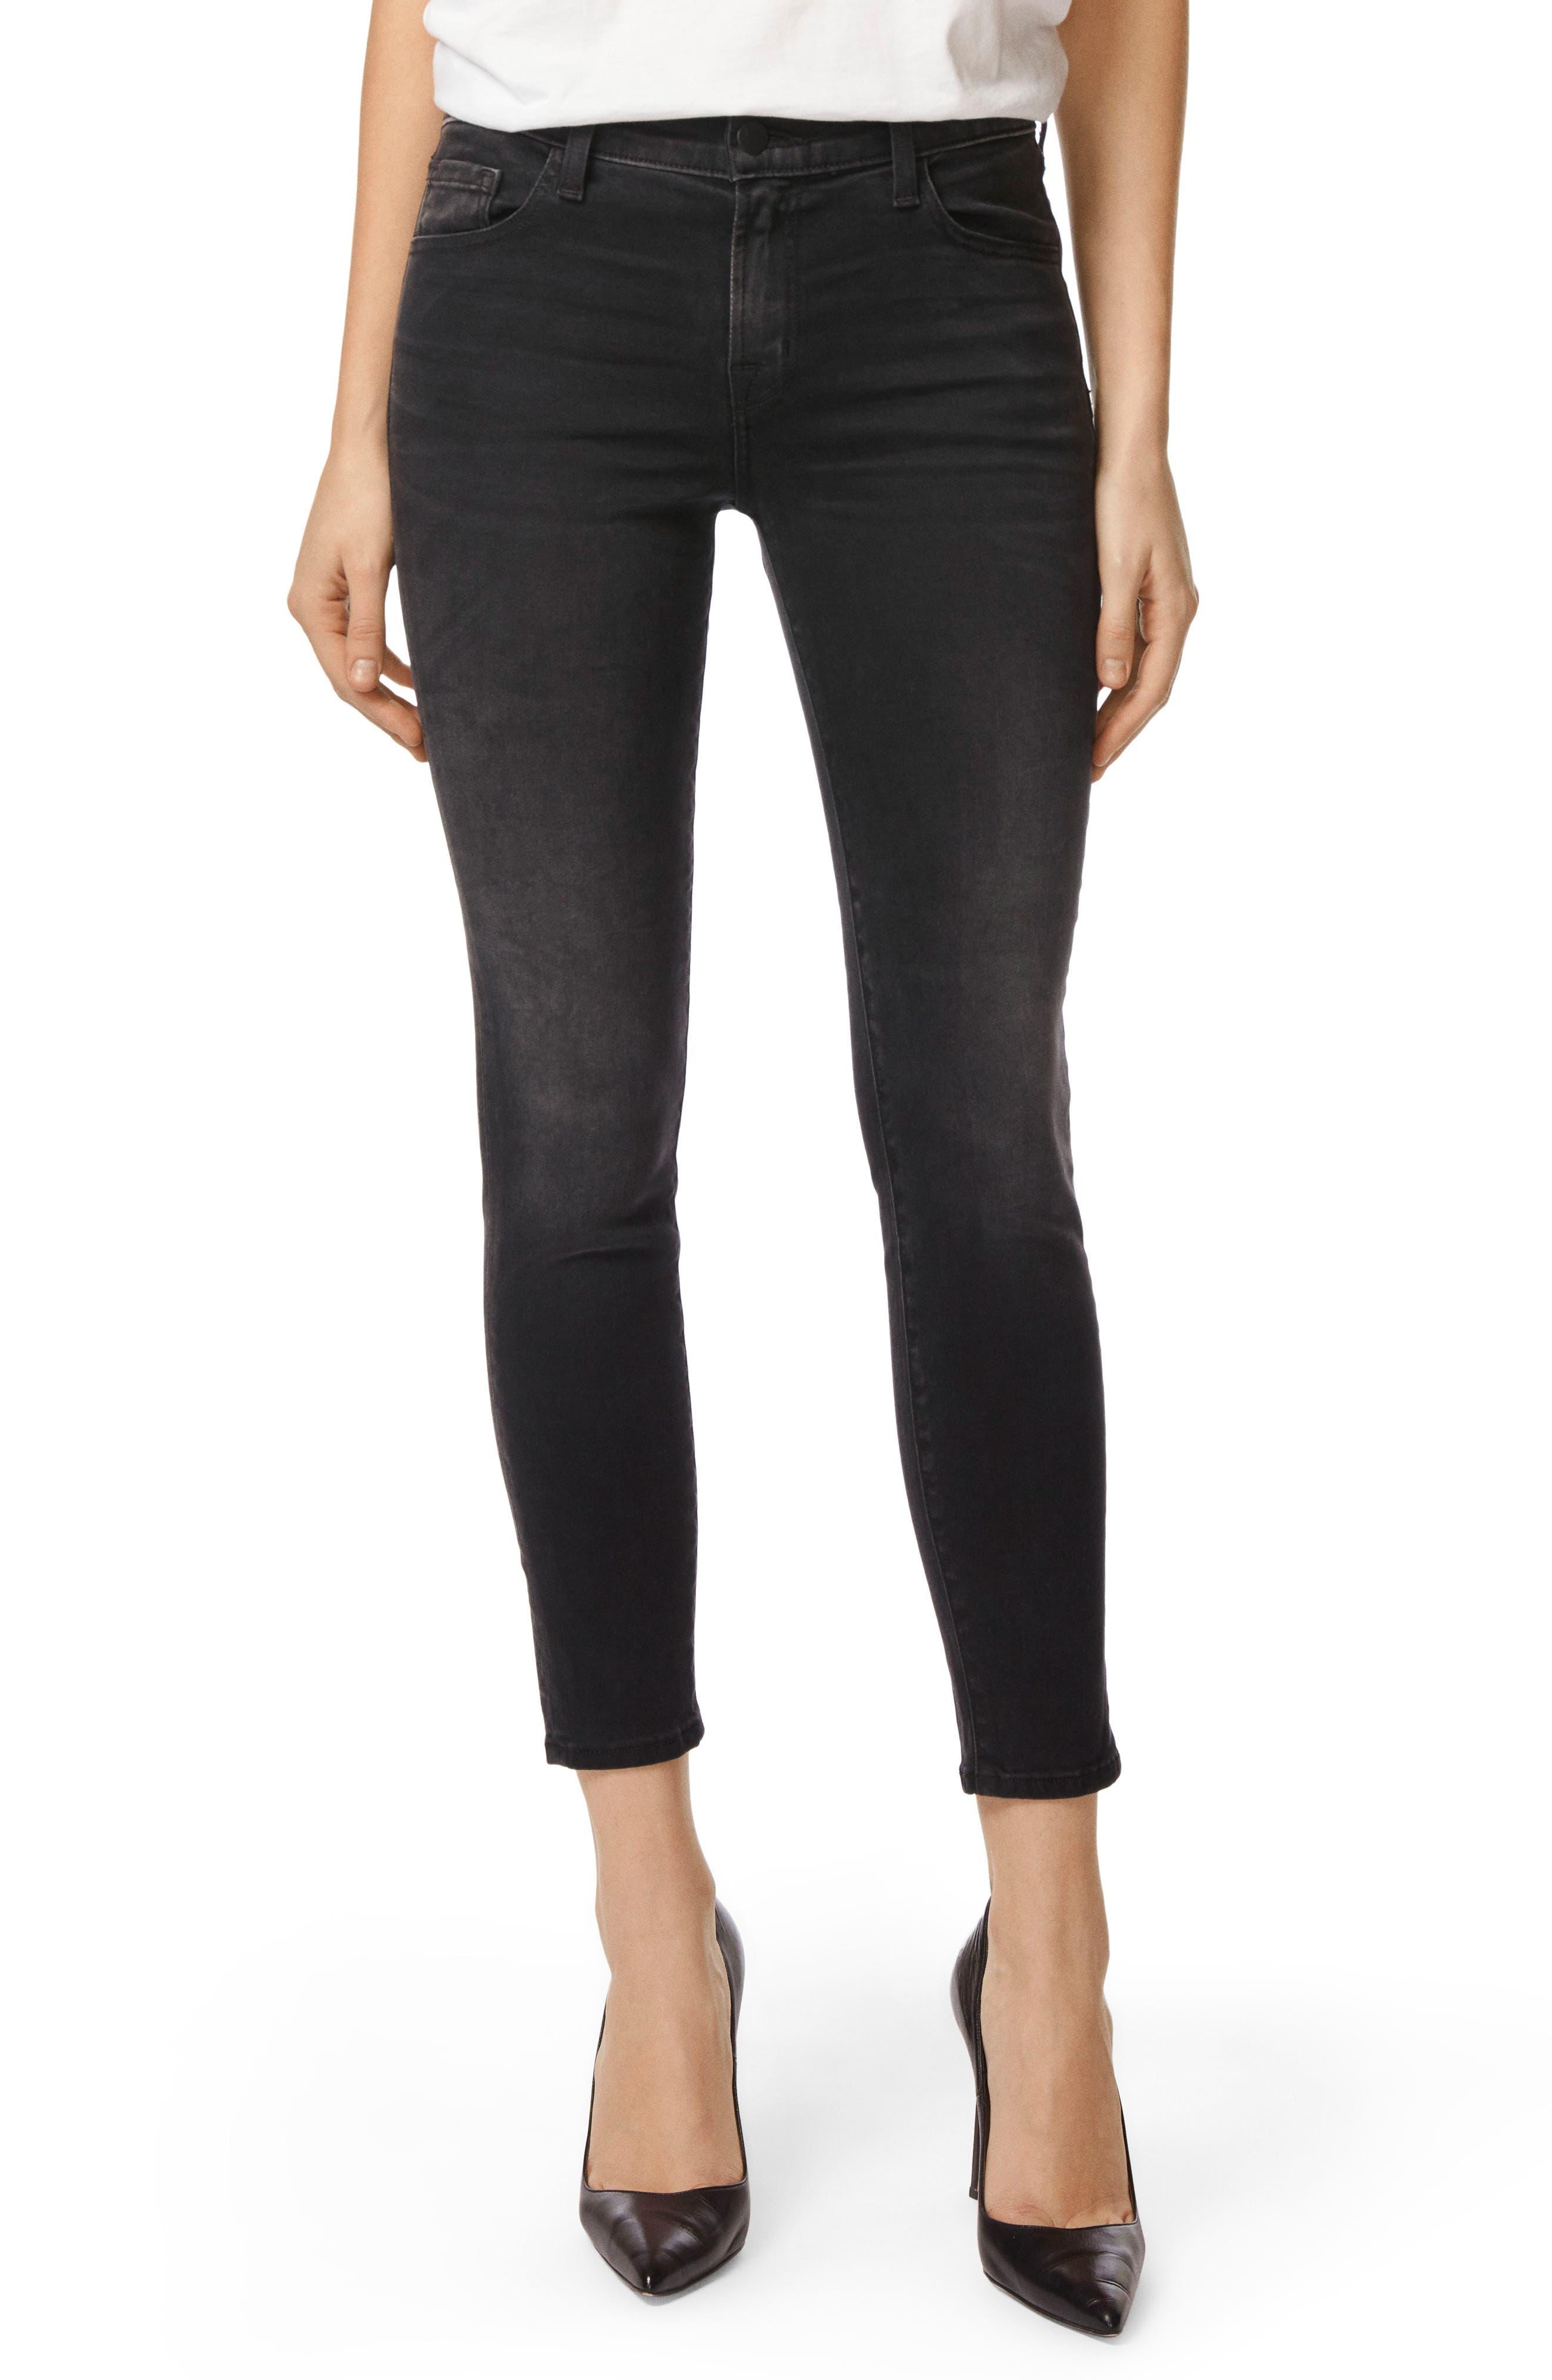 Capri Skinny Jeans,                         Main,                         color, 001